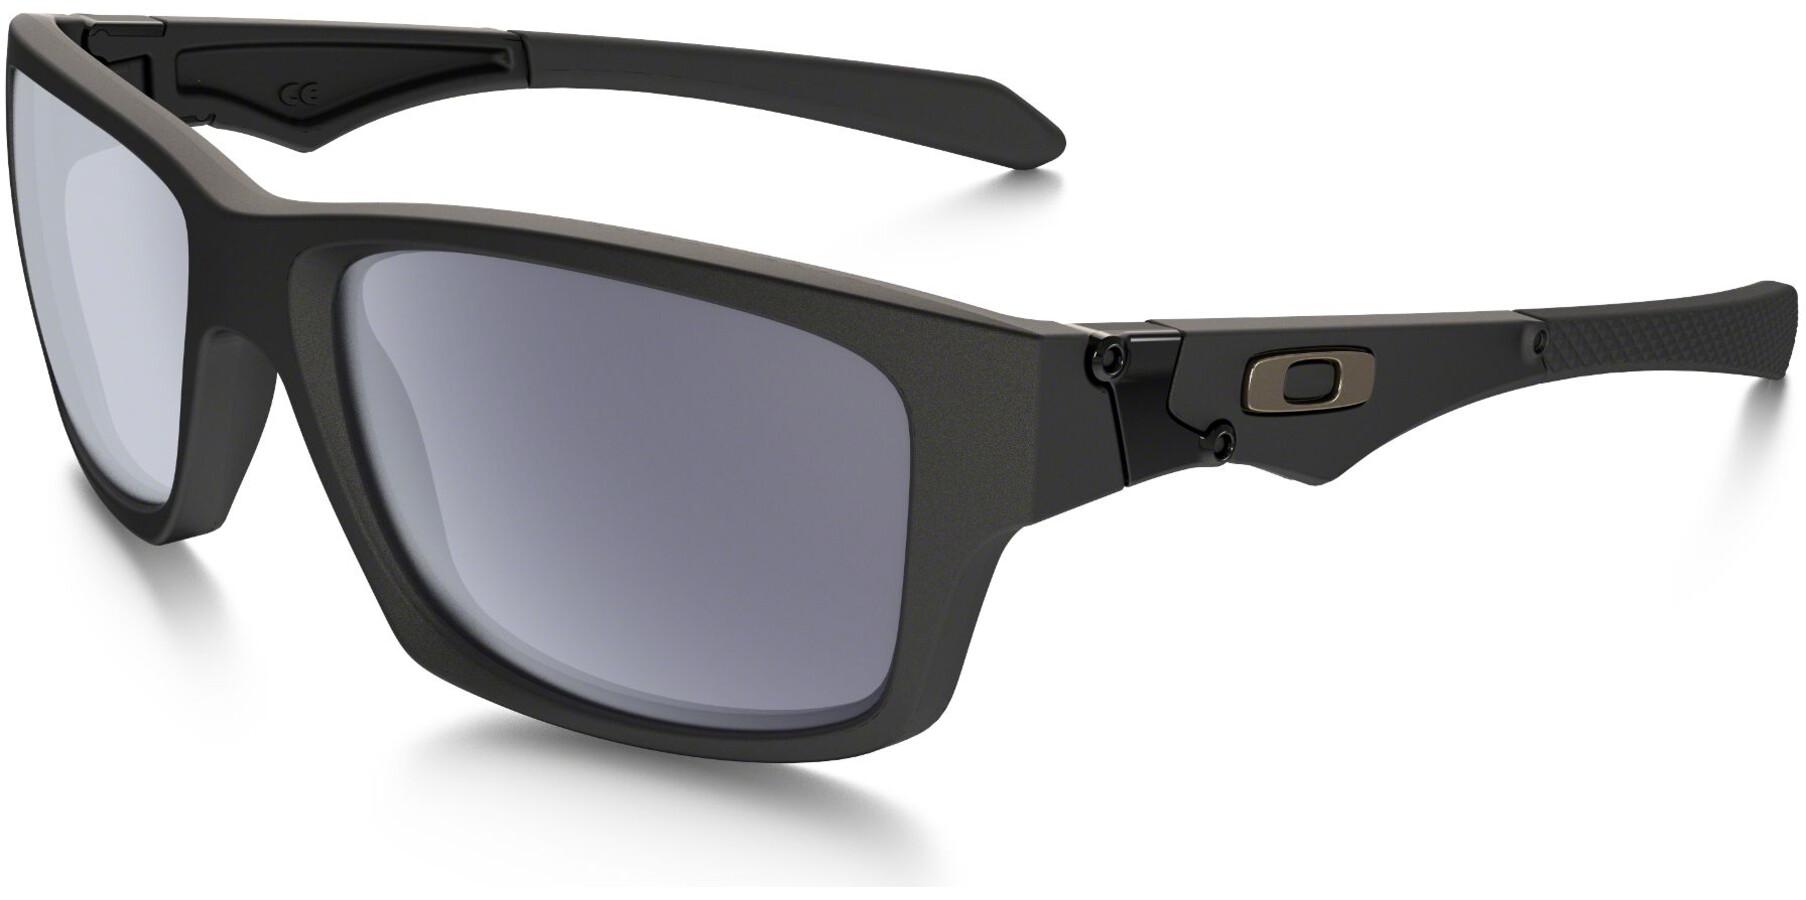 2dfc69e8bd Oakley Jupiter Squared - Lunettes cyclisme - noir - Boutique de ...